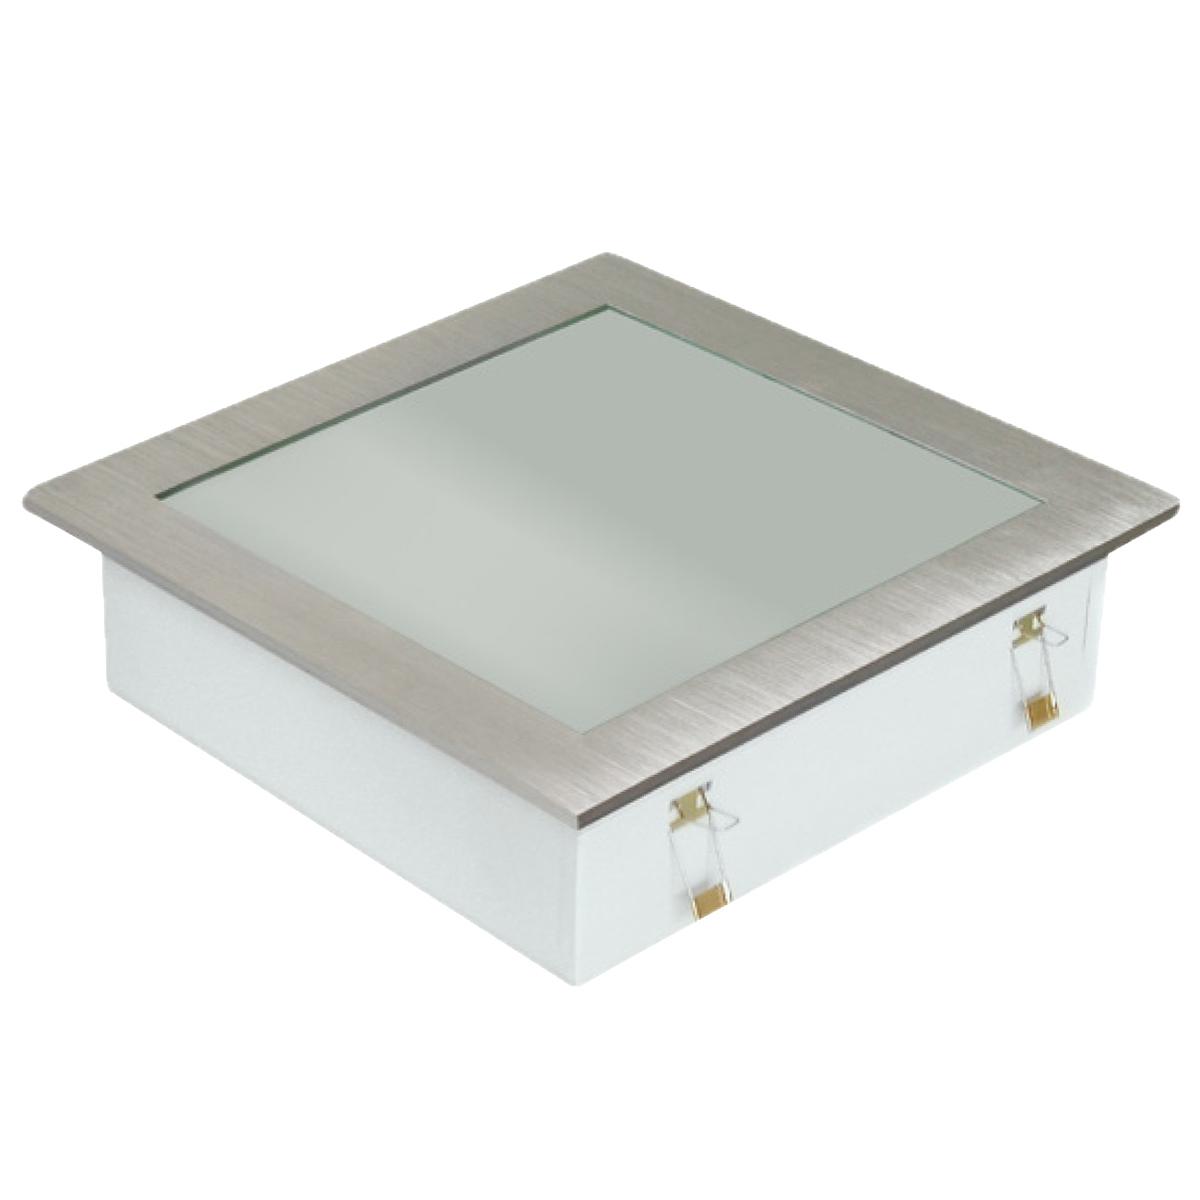 Plafon Space Emb. Quad. 20cm Alum. Vidro Fosco E-27 1 Lamp. Max 60w Escovado